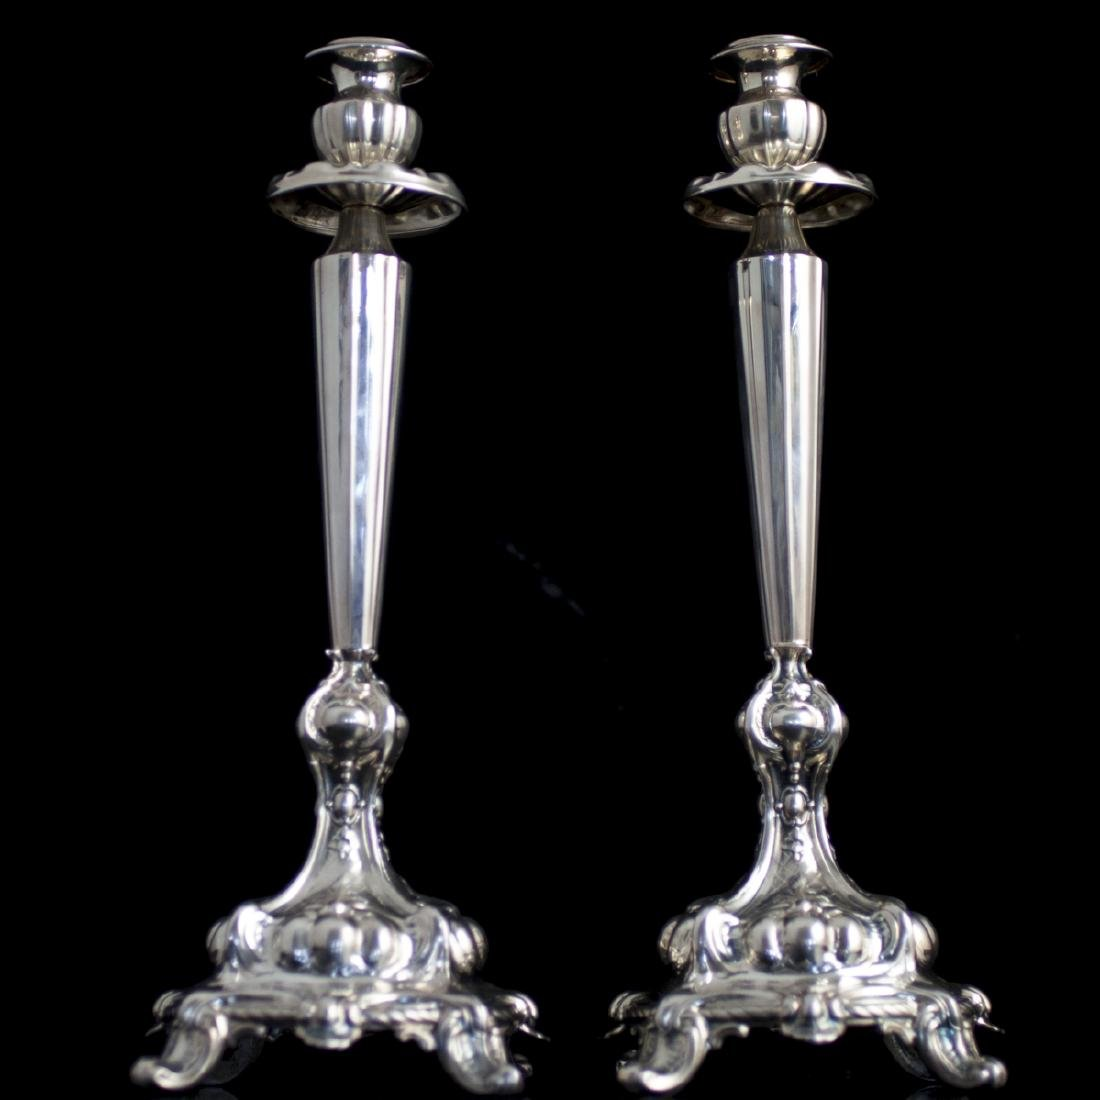 Vintage Sterling Silver Candlesticks